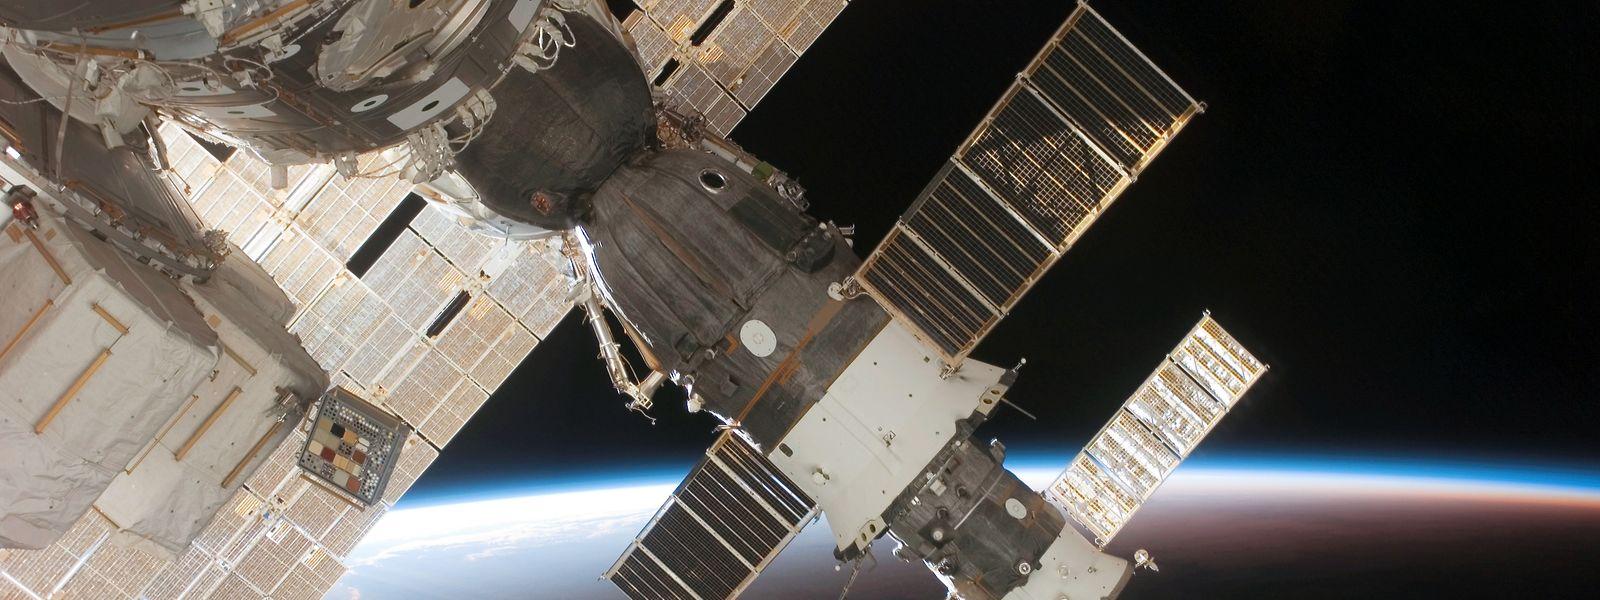 Eine an die ISS angedockte Sojus-Kapsel.